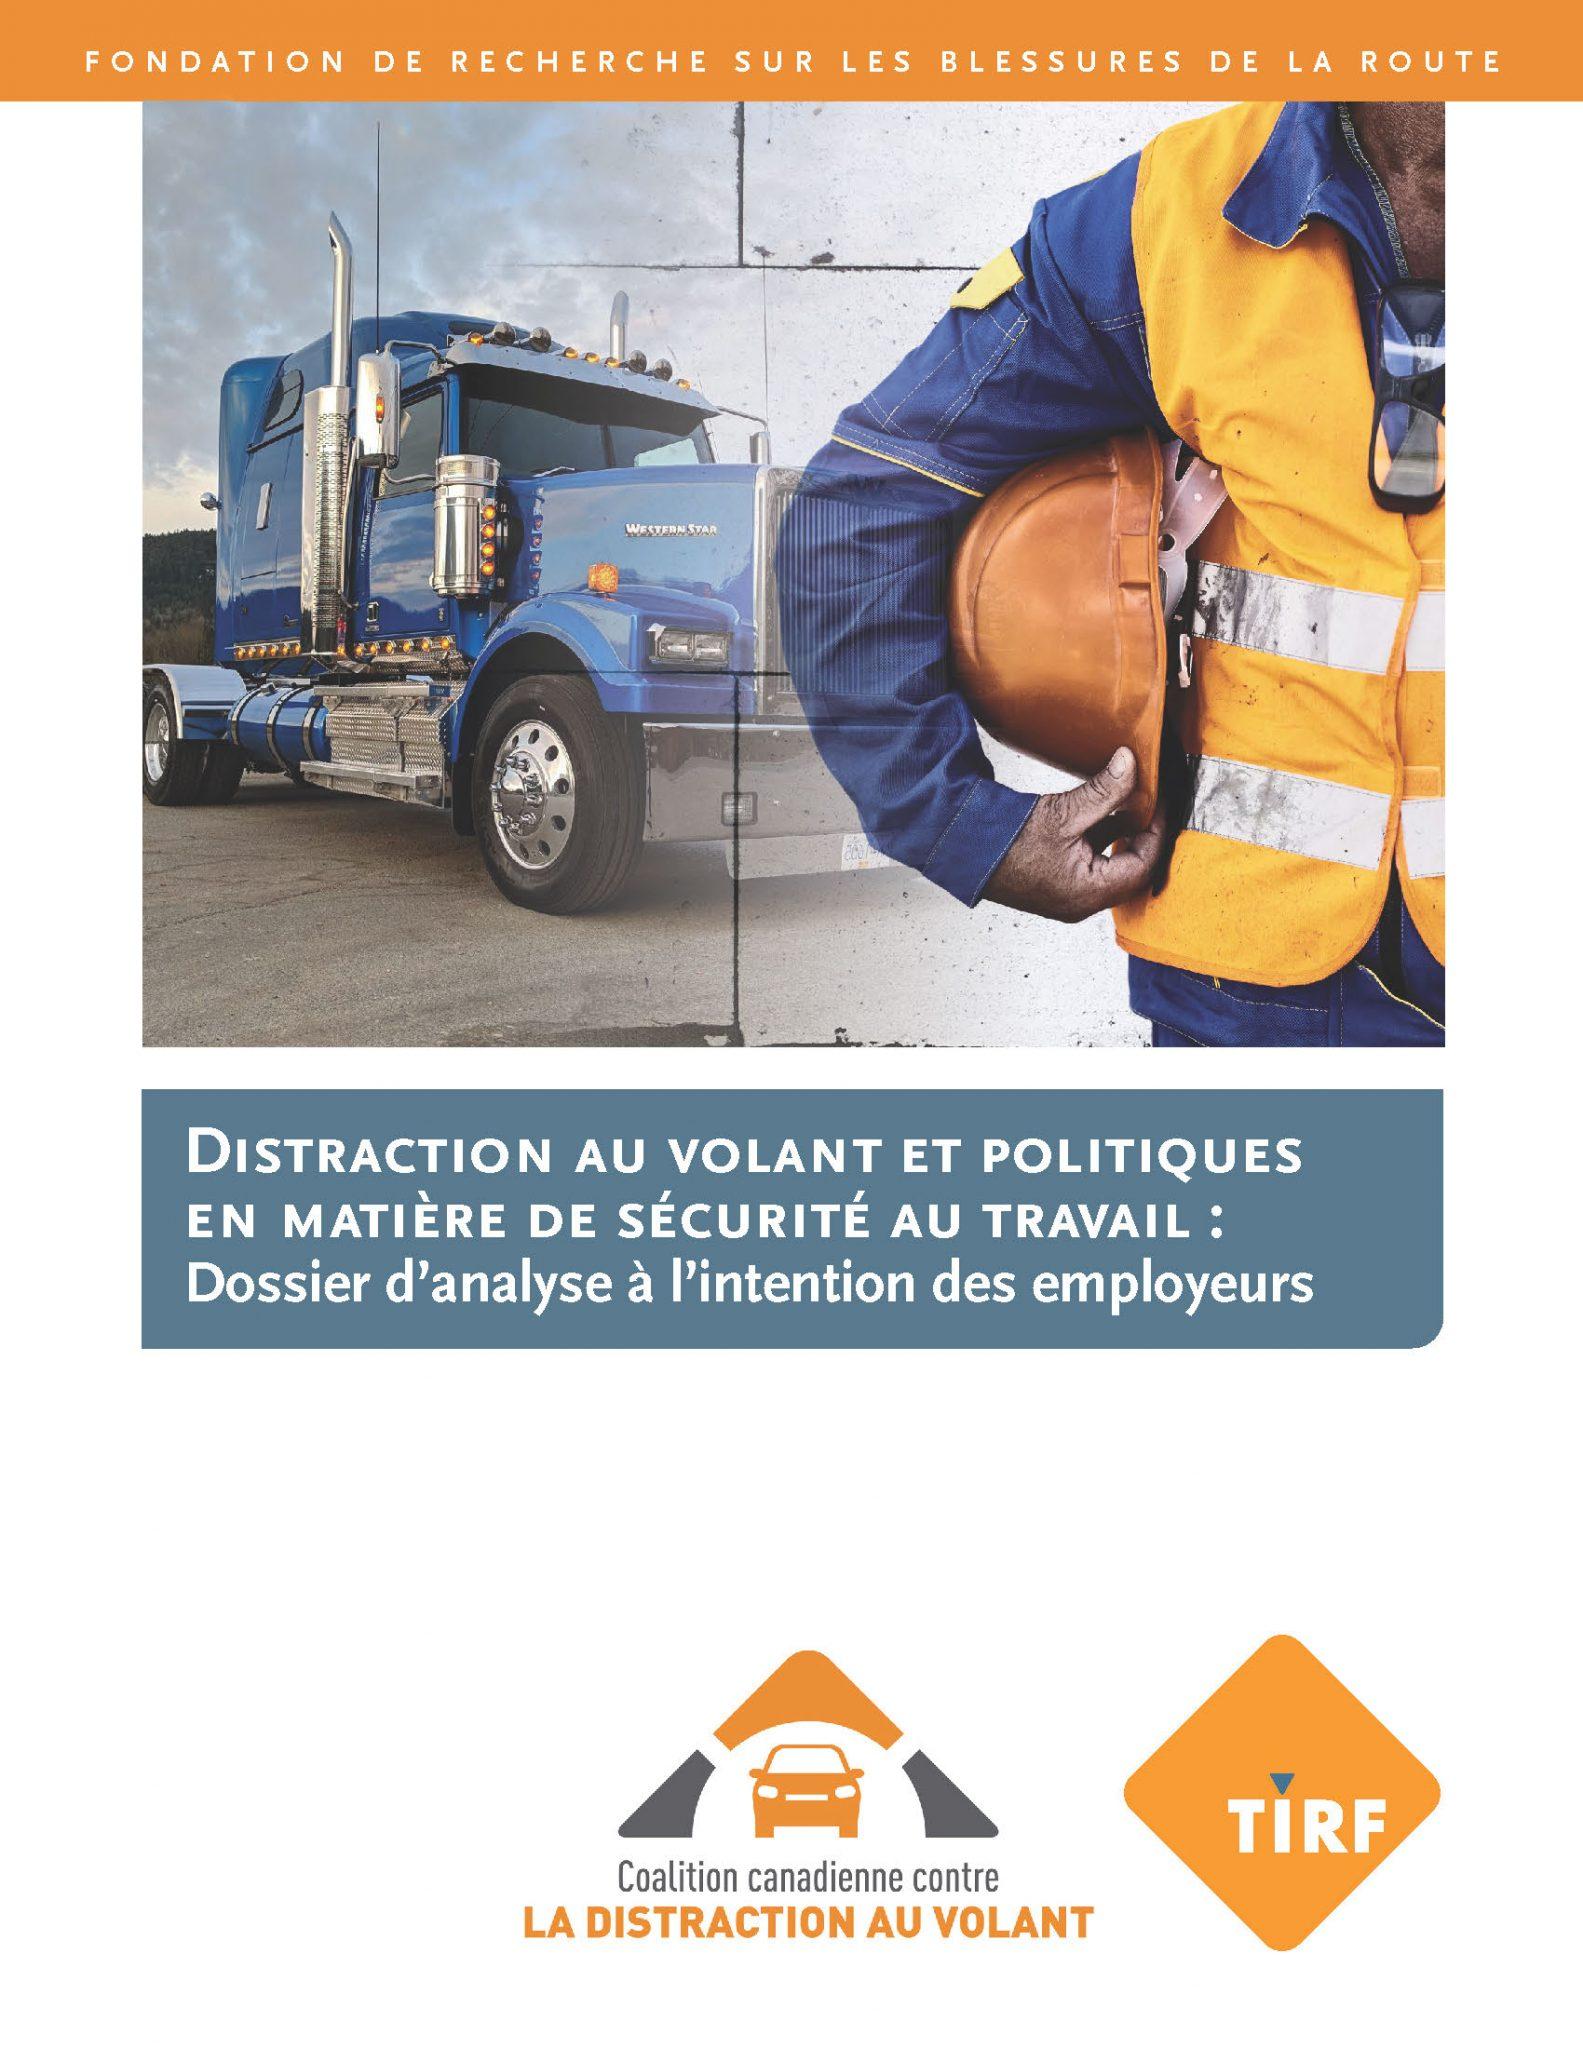 Distraction au volant politiques en matière de sécurité au travail : Dossier d'analyse à l'intention des employeurs